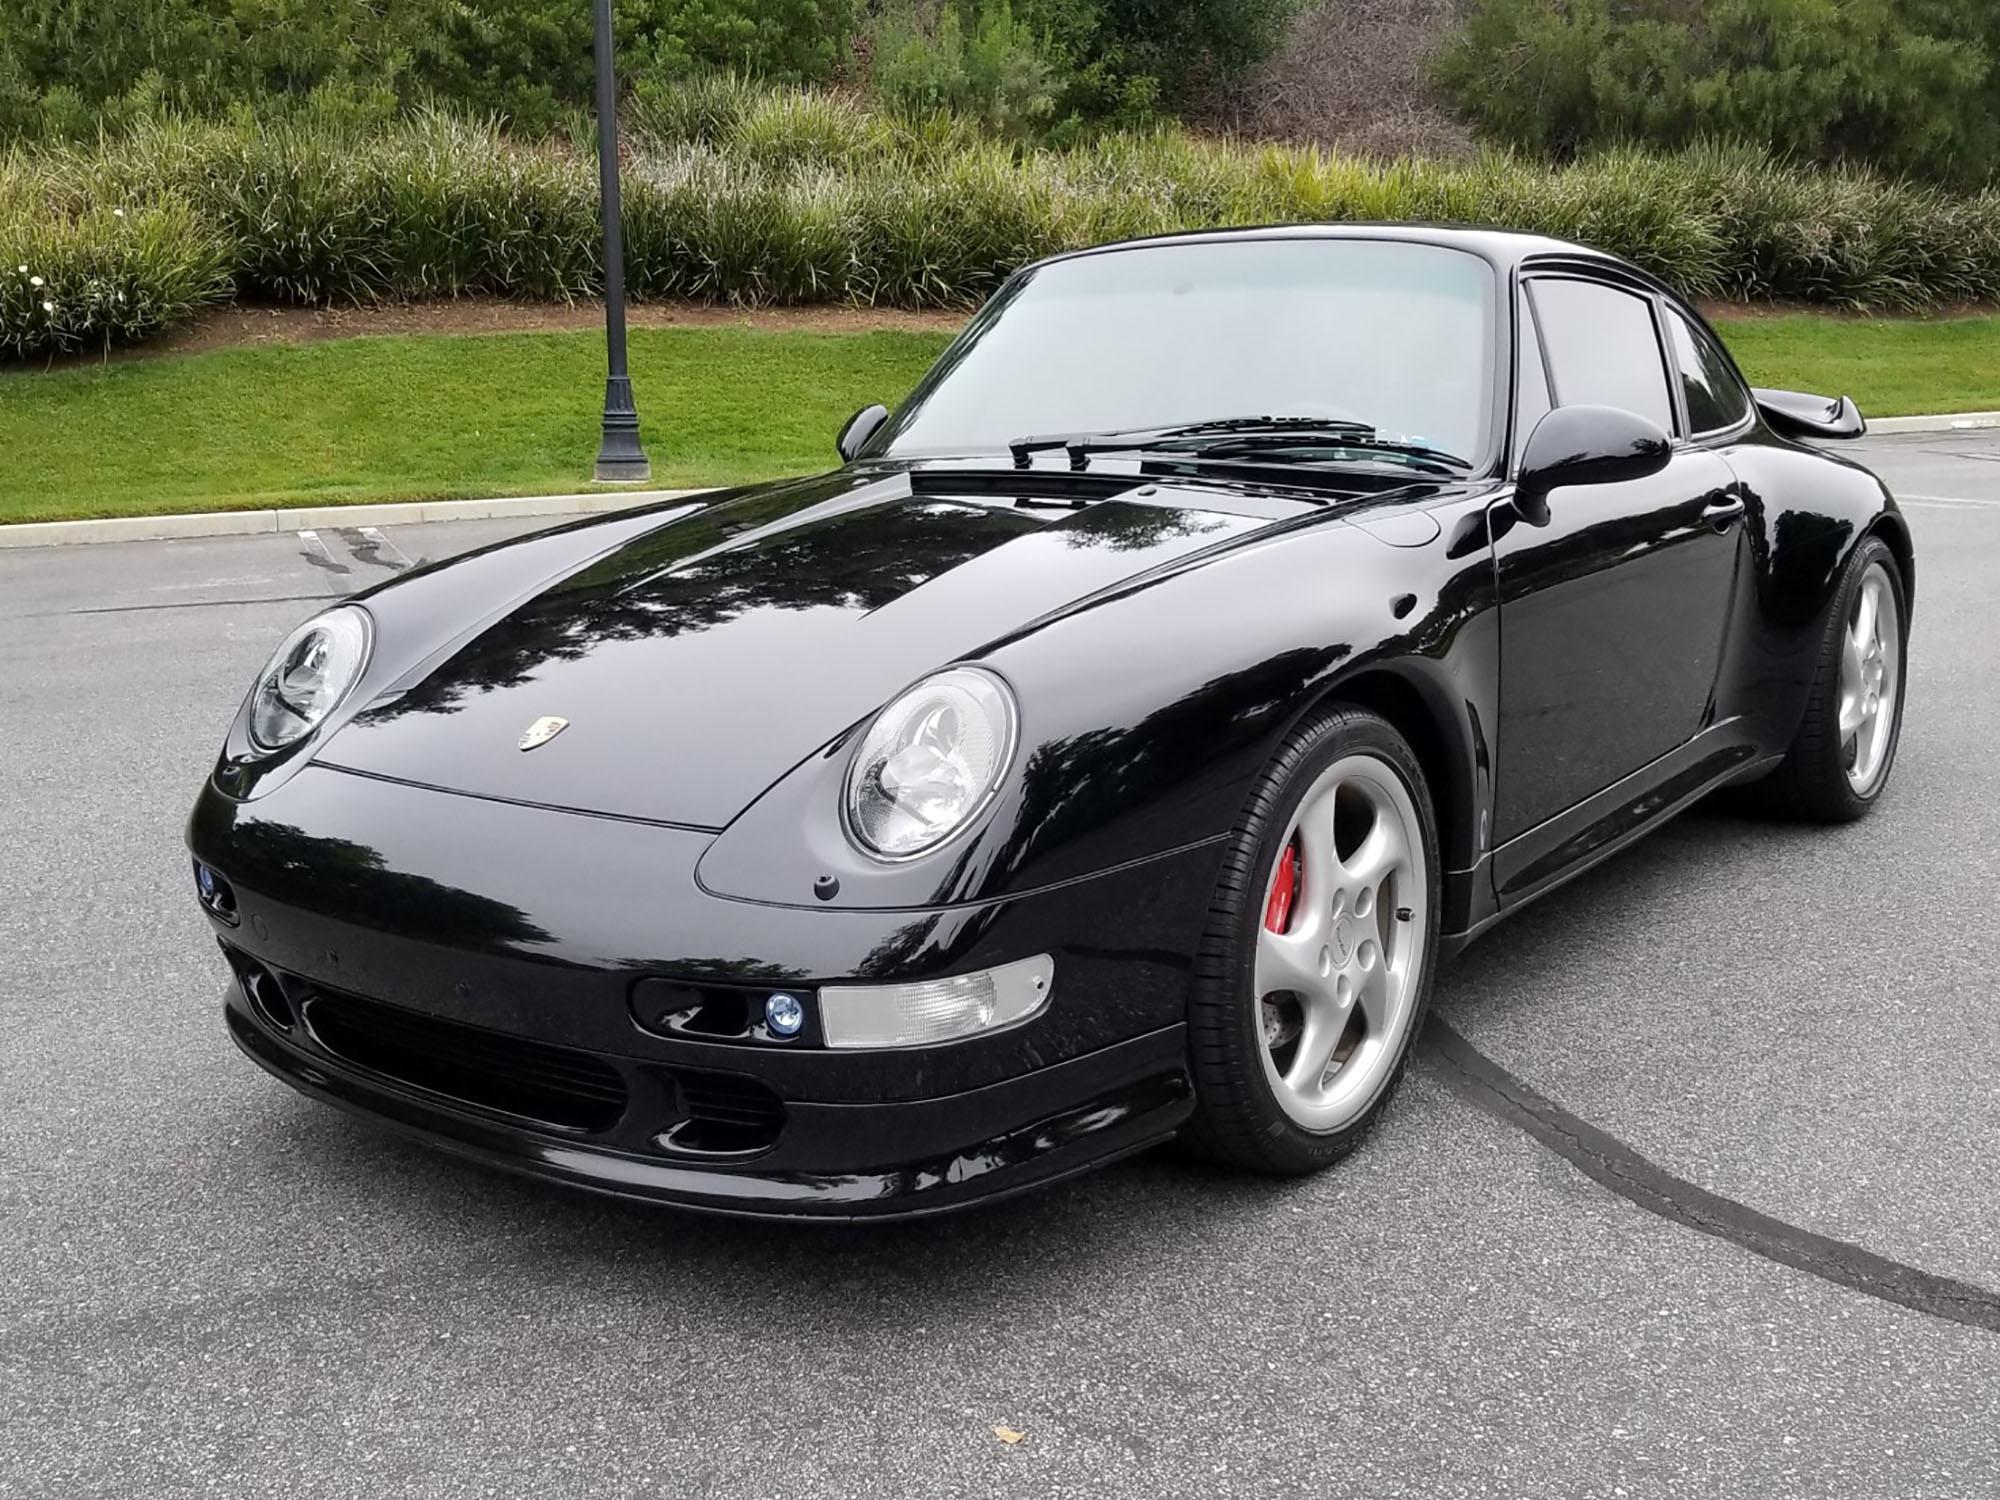 1996 Porsche 911 Carrera 4S Coupe in Black